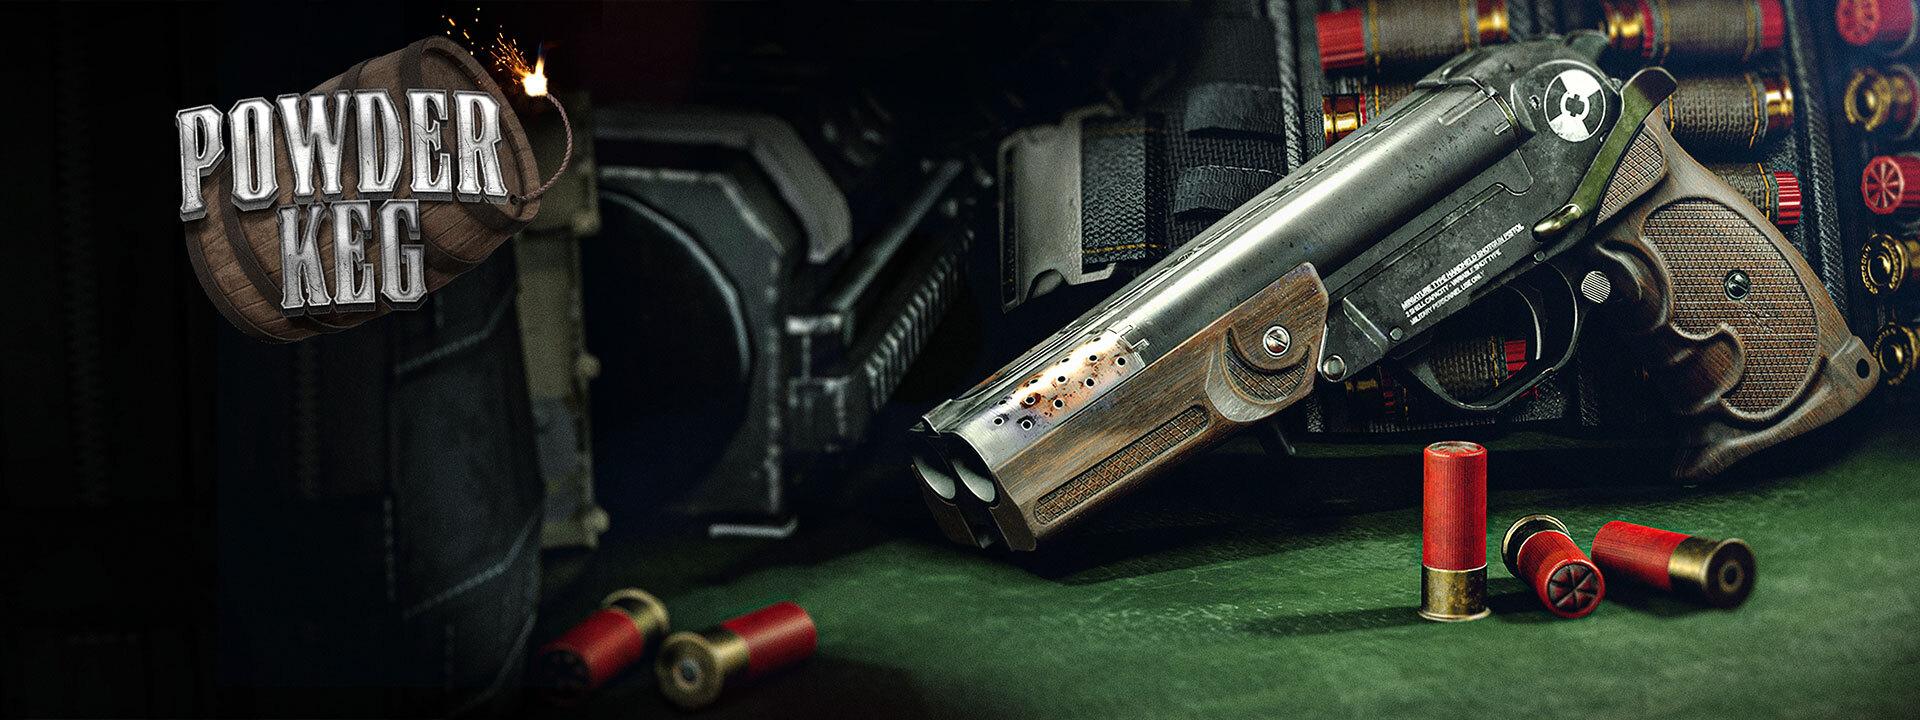 在史崔克抵達《黑色行動冷戰》和《現代戰域》之前,我們會搶先推出「桶裝炸藥粉」組合包,內含全新手槍的第一個武器藍圖。